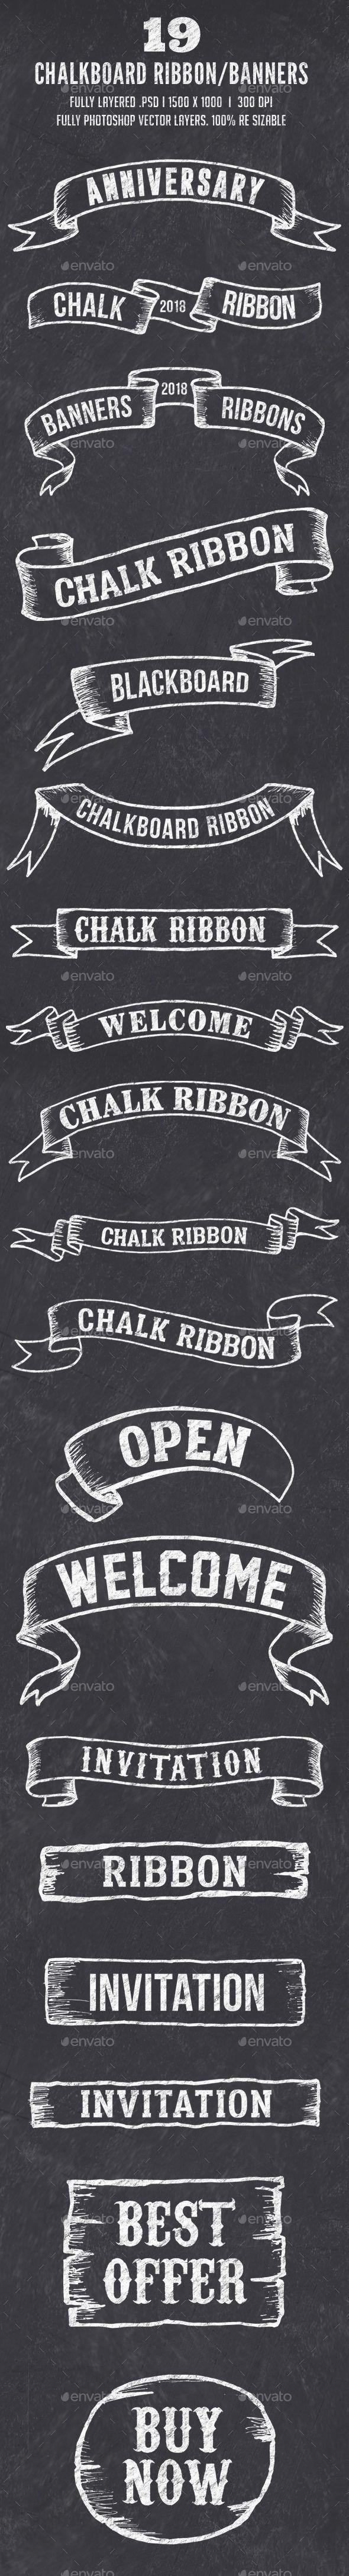 19 Chalk Ribbon Banners / Banner Set